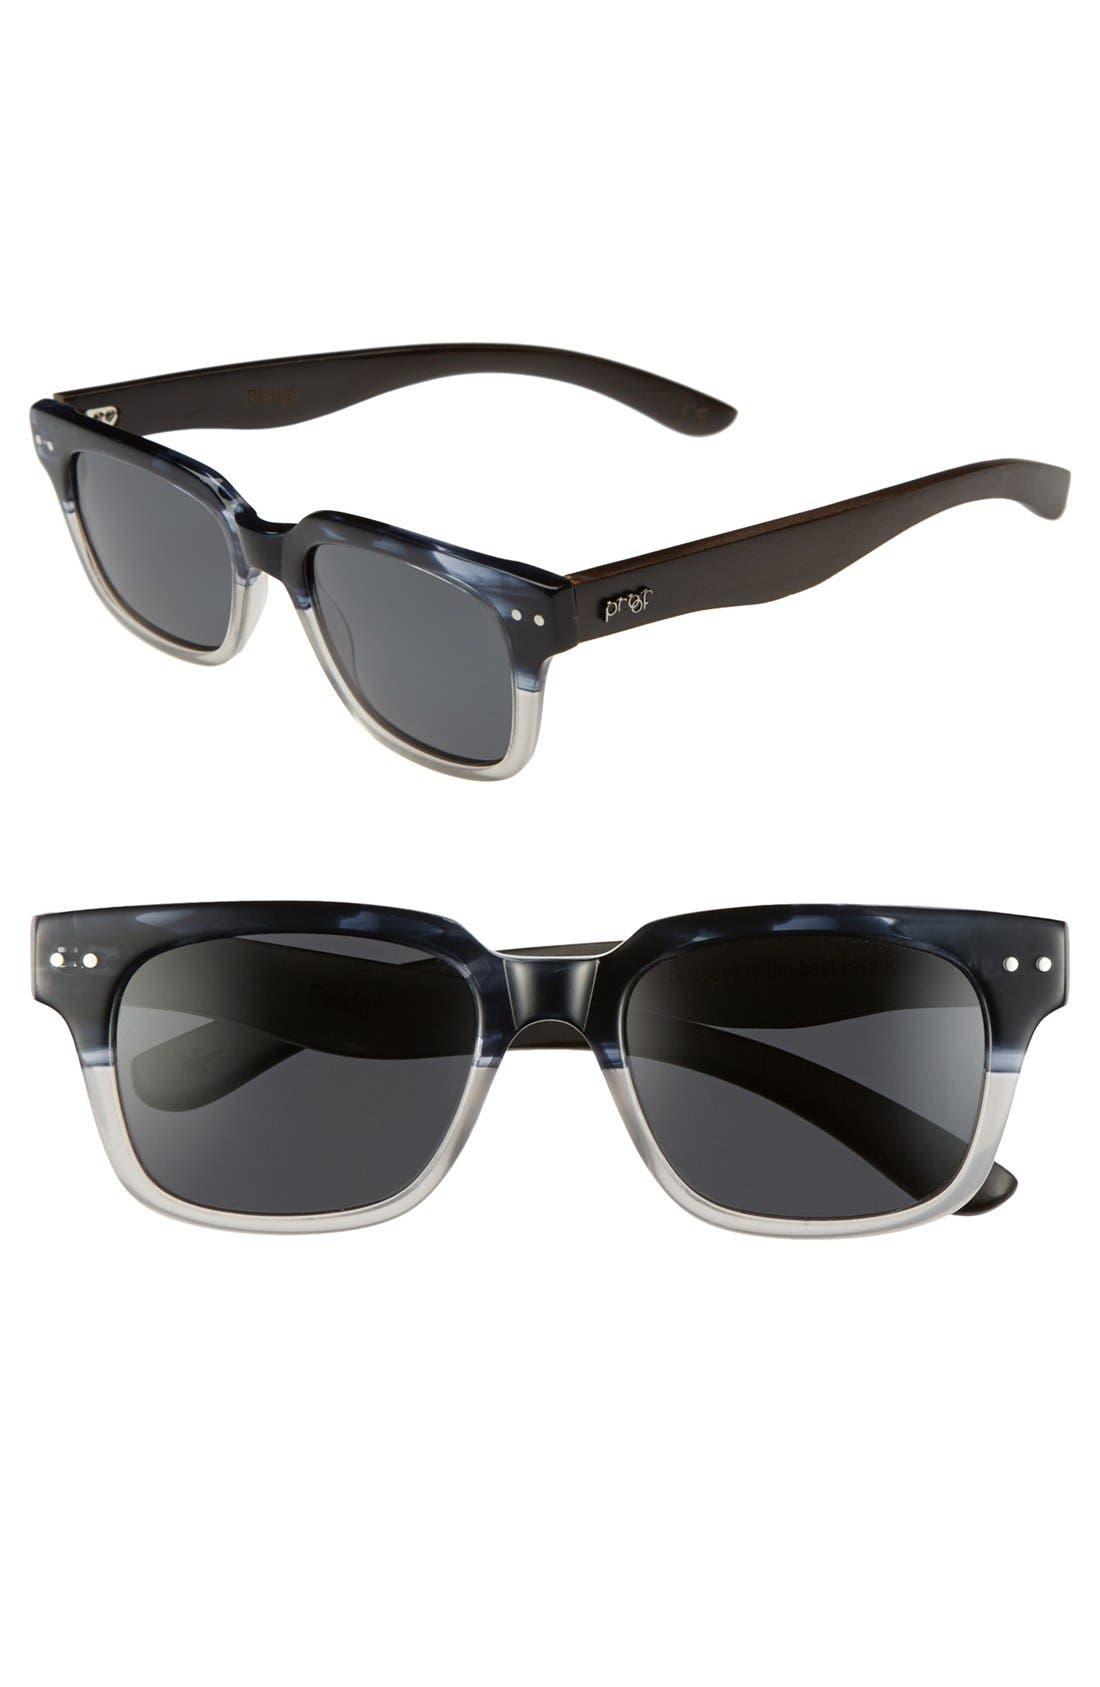 Main Image - Proof Eyewear 'Pledge' 47mm Polarized Sunglasses